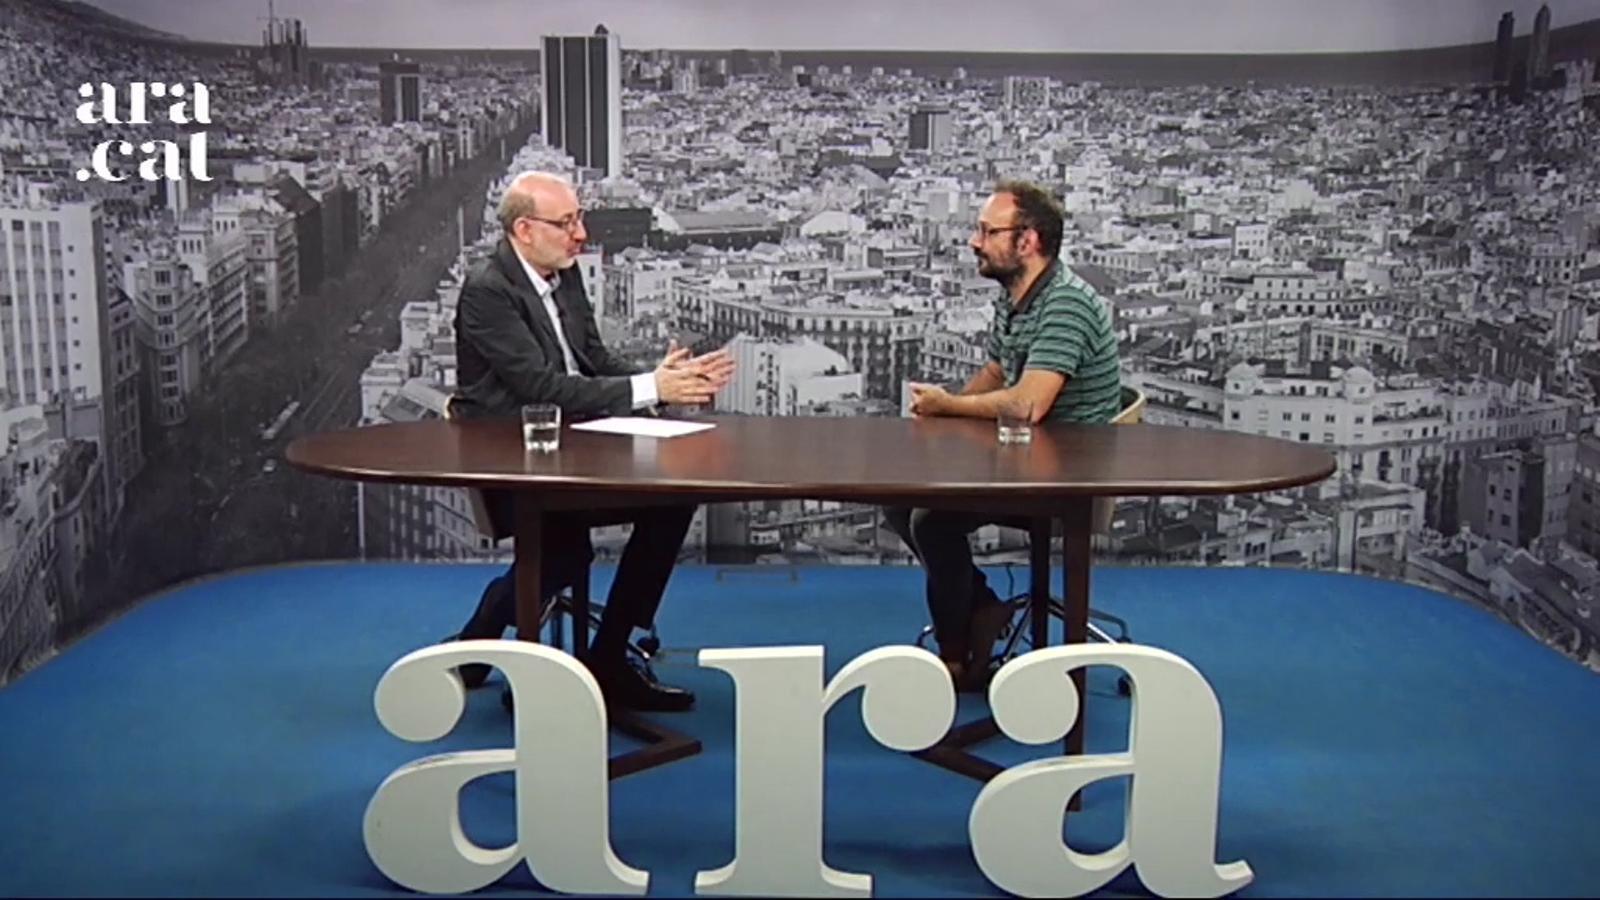 Entrevista d'Antoni Bassas a Benet Salellas